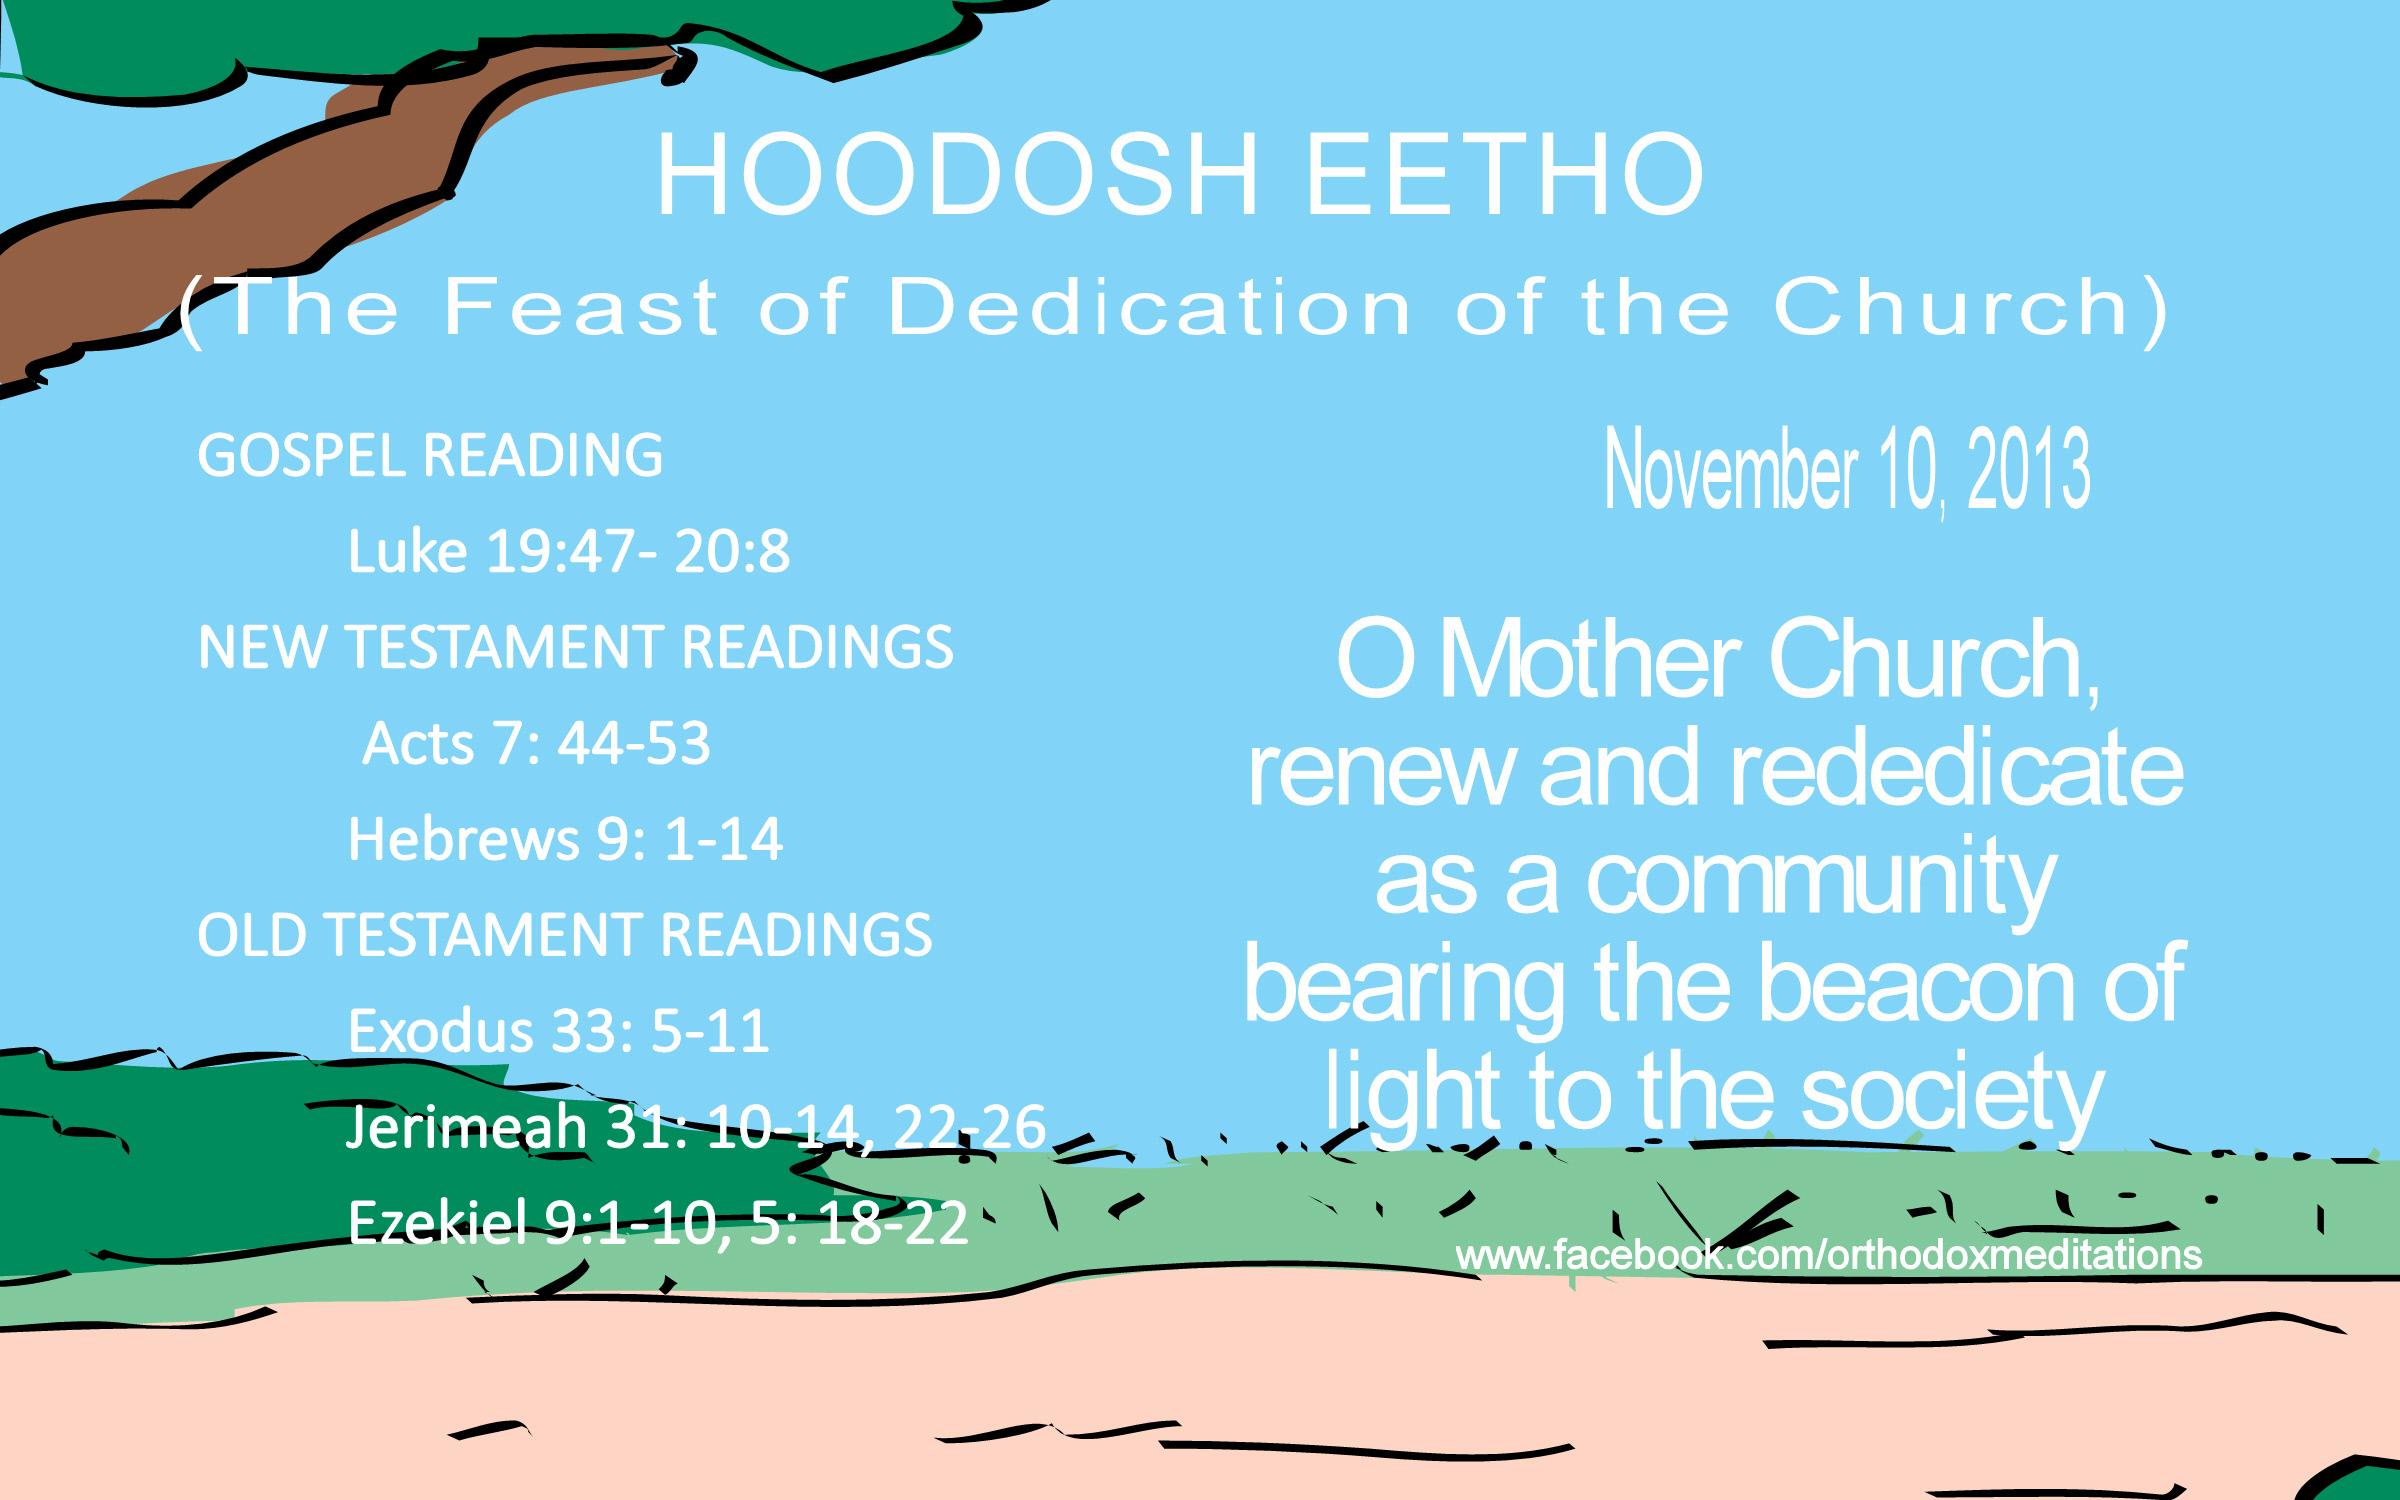 Hoodosh Eetho_001